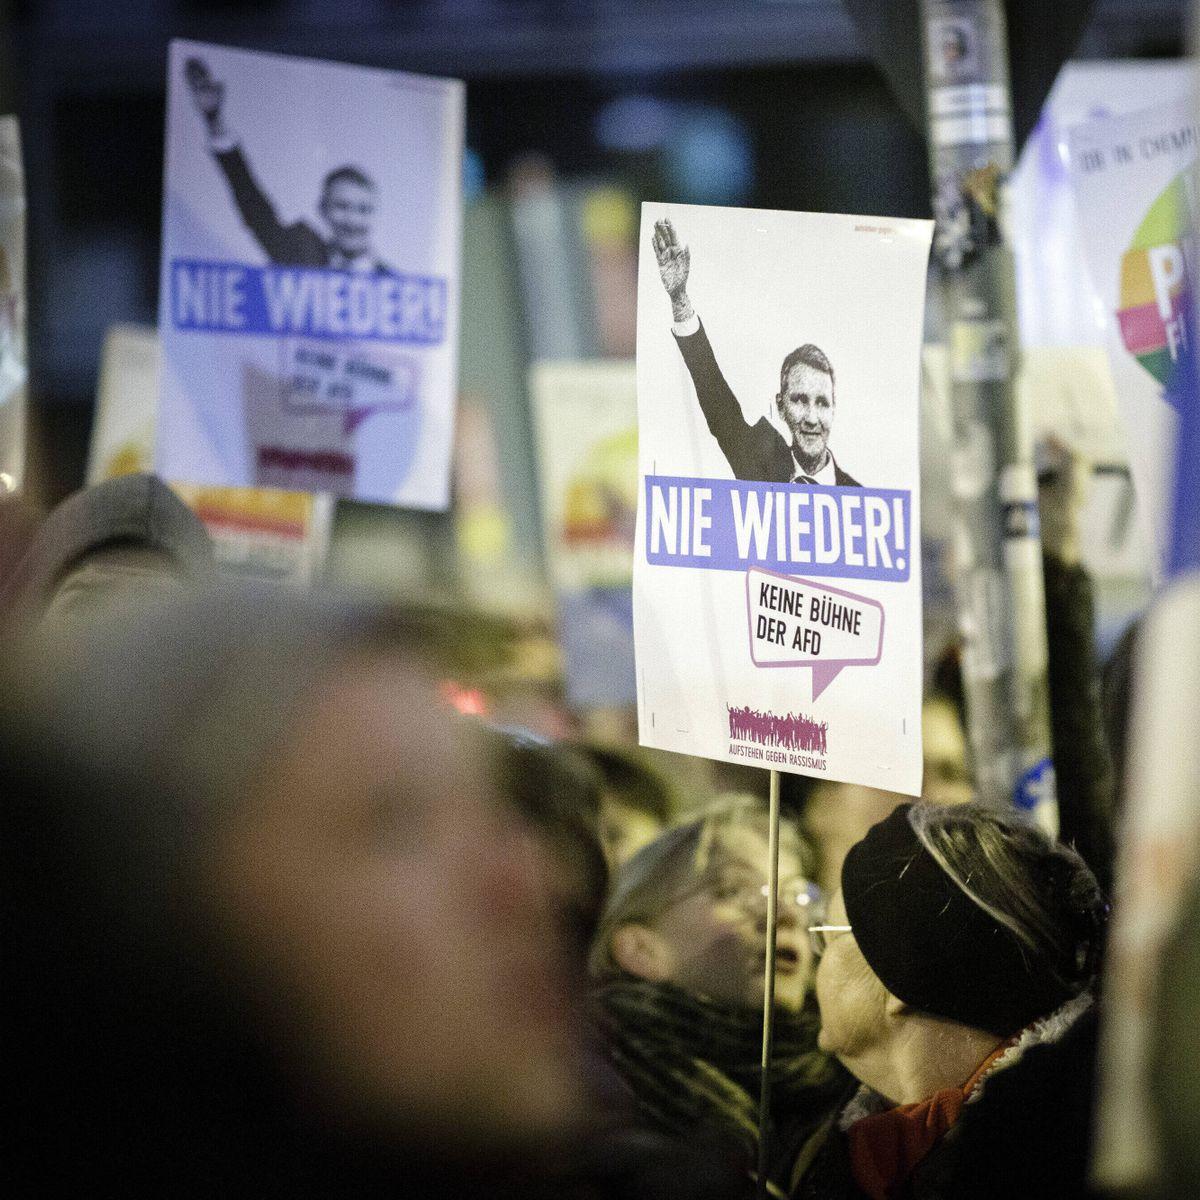 Sascha Lobo – Der Debatten-Podcast: AfD-Wähler ausgrenzen, mit Anstand und Wirkung